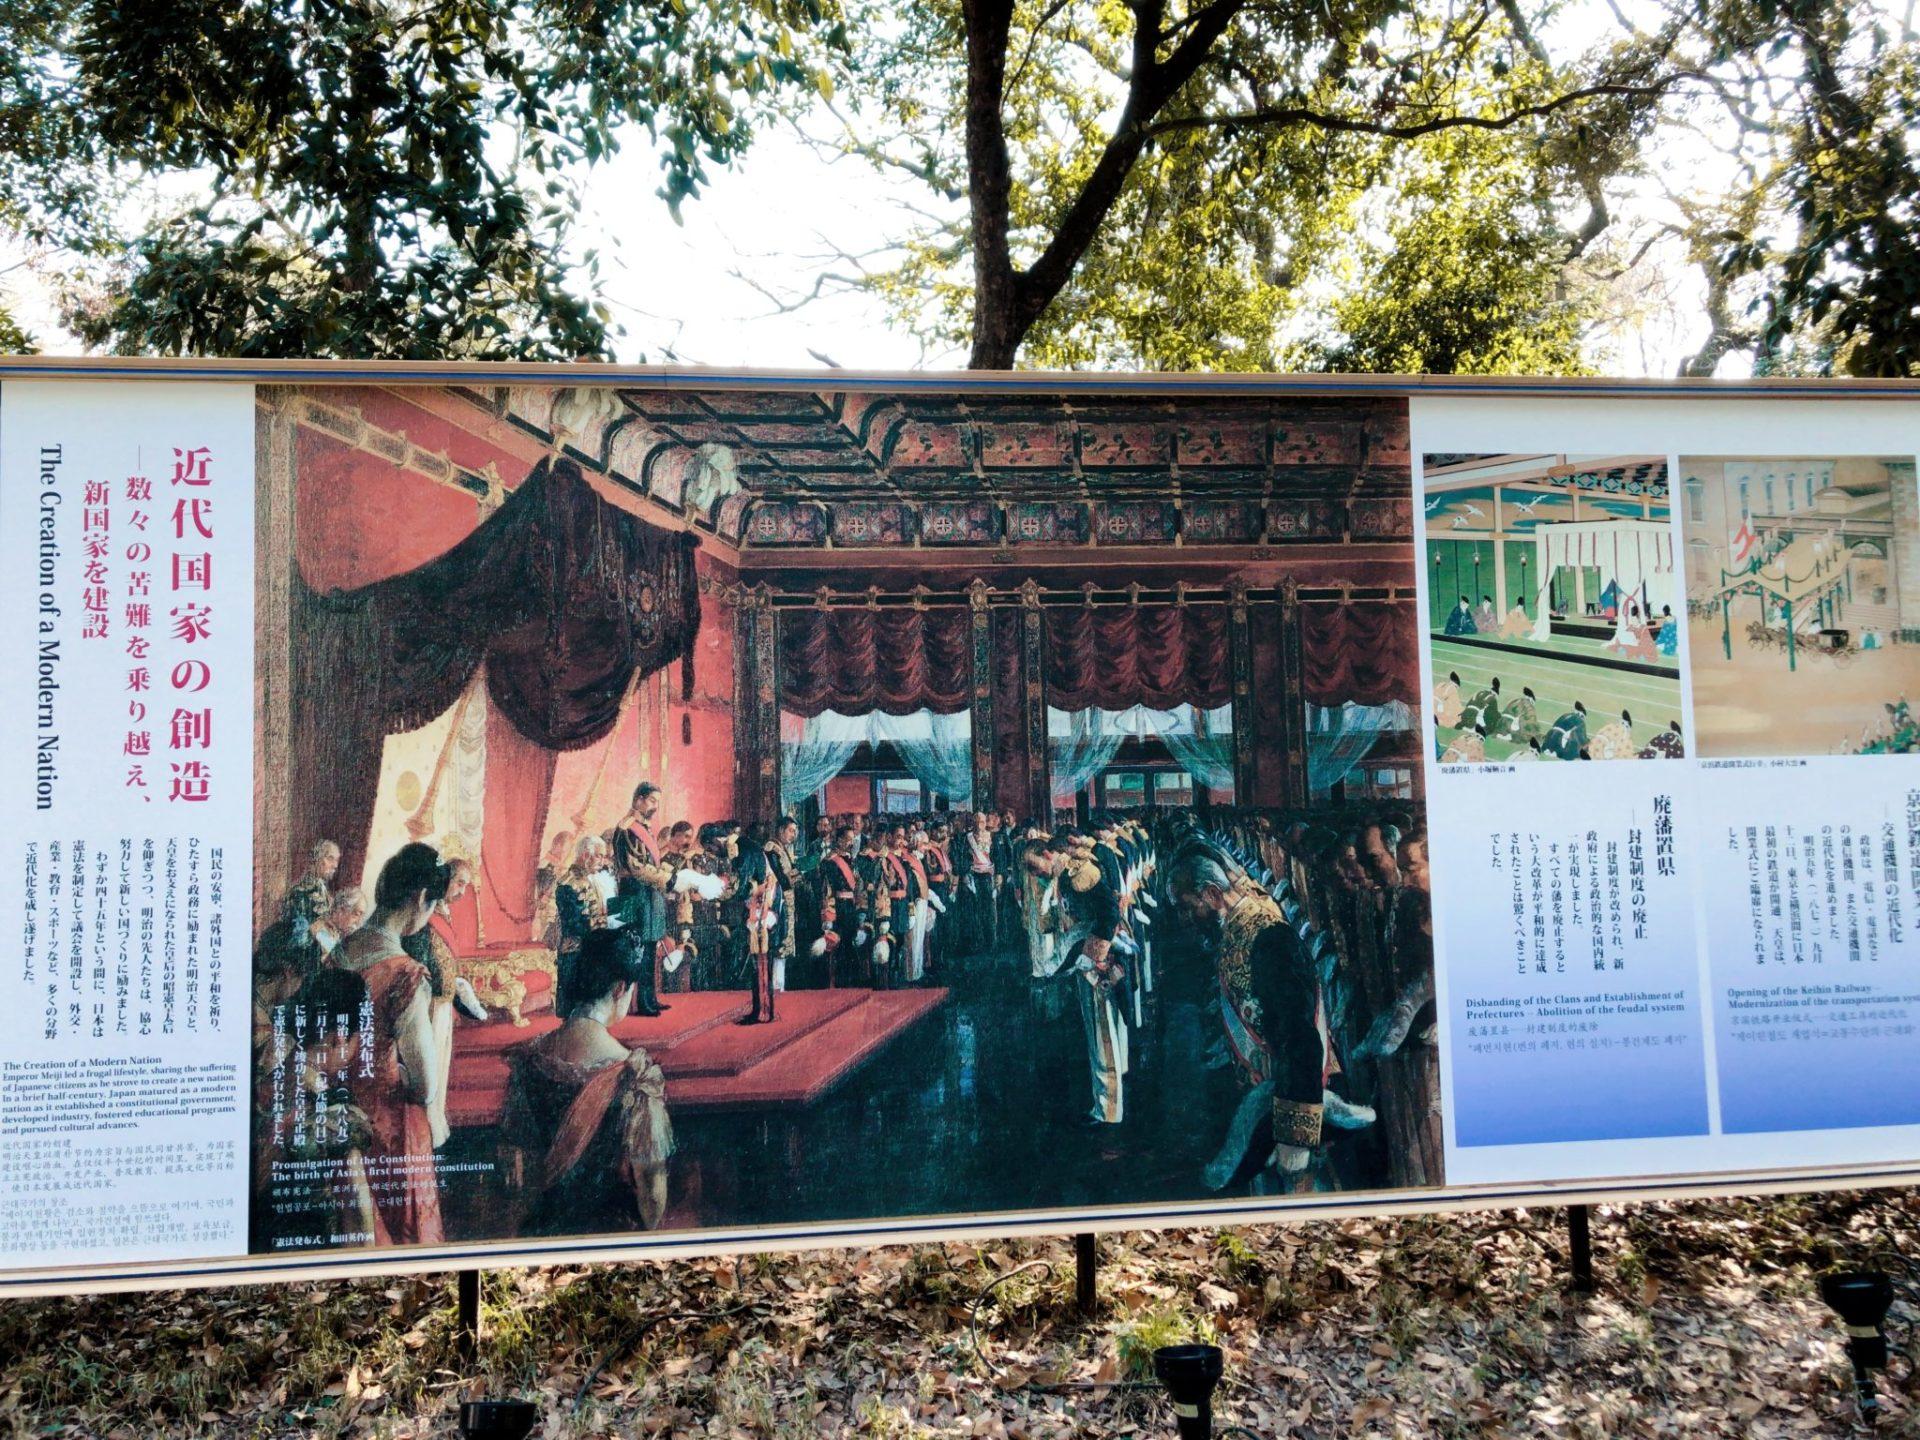 明治神宮の100年祭のパネル